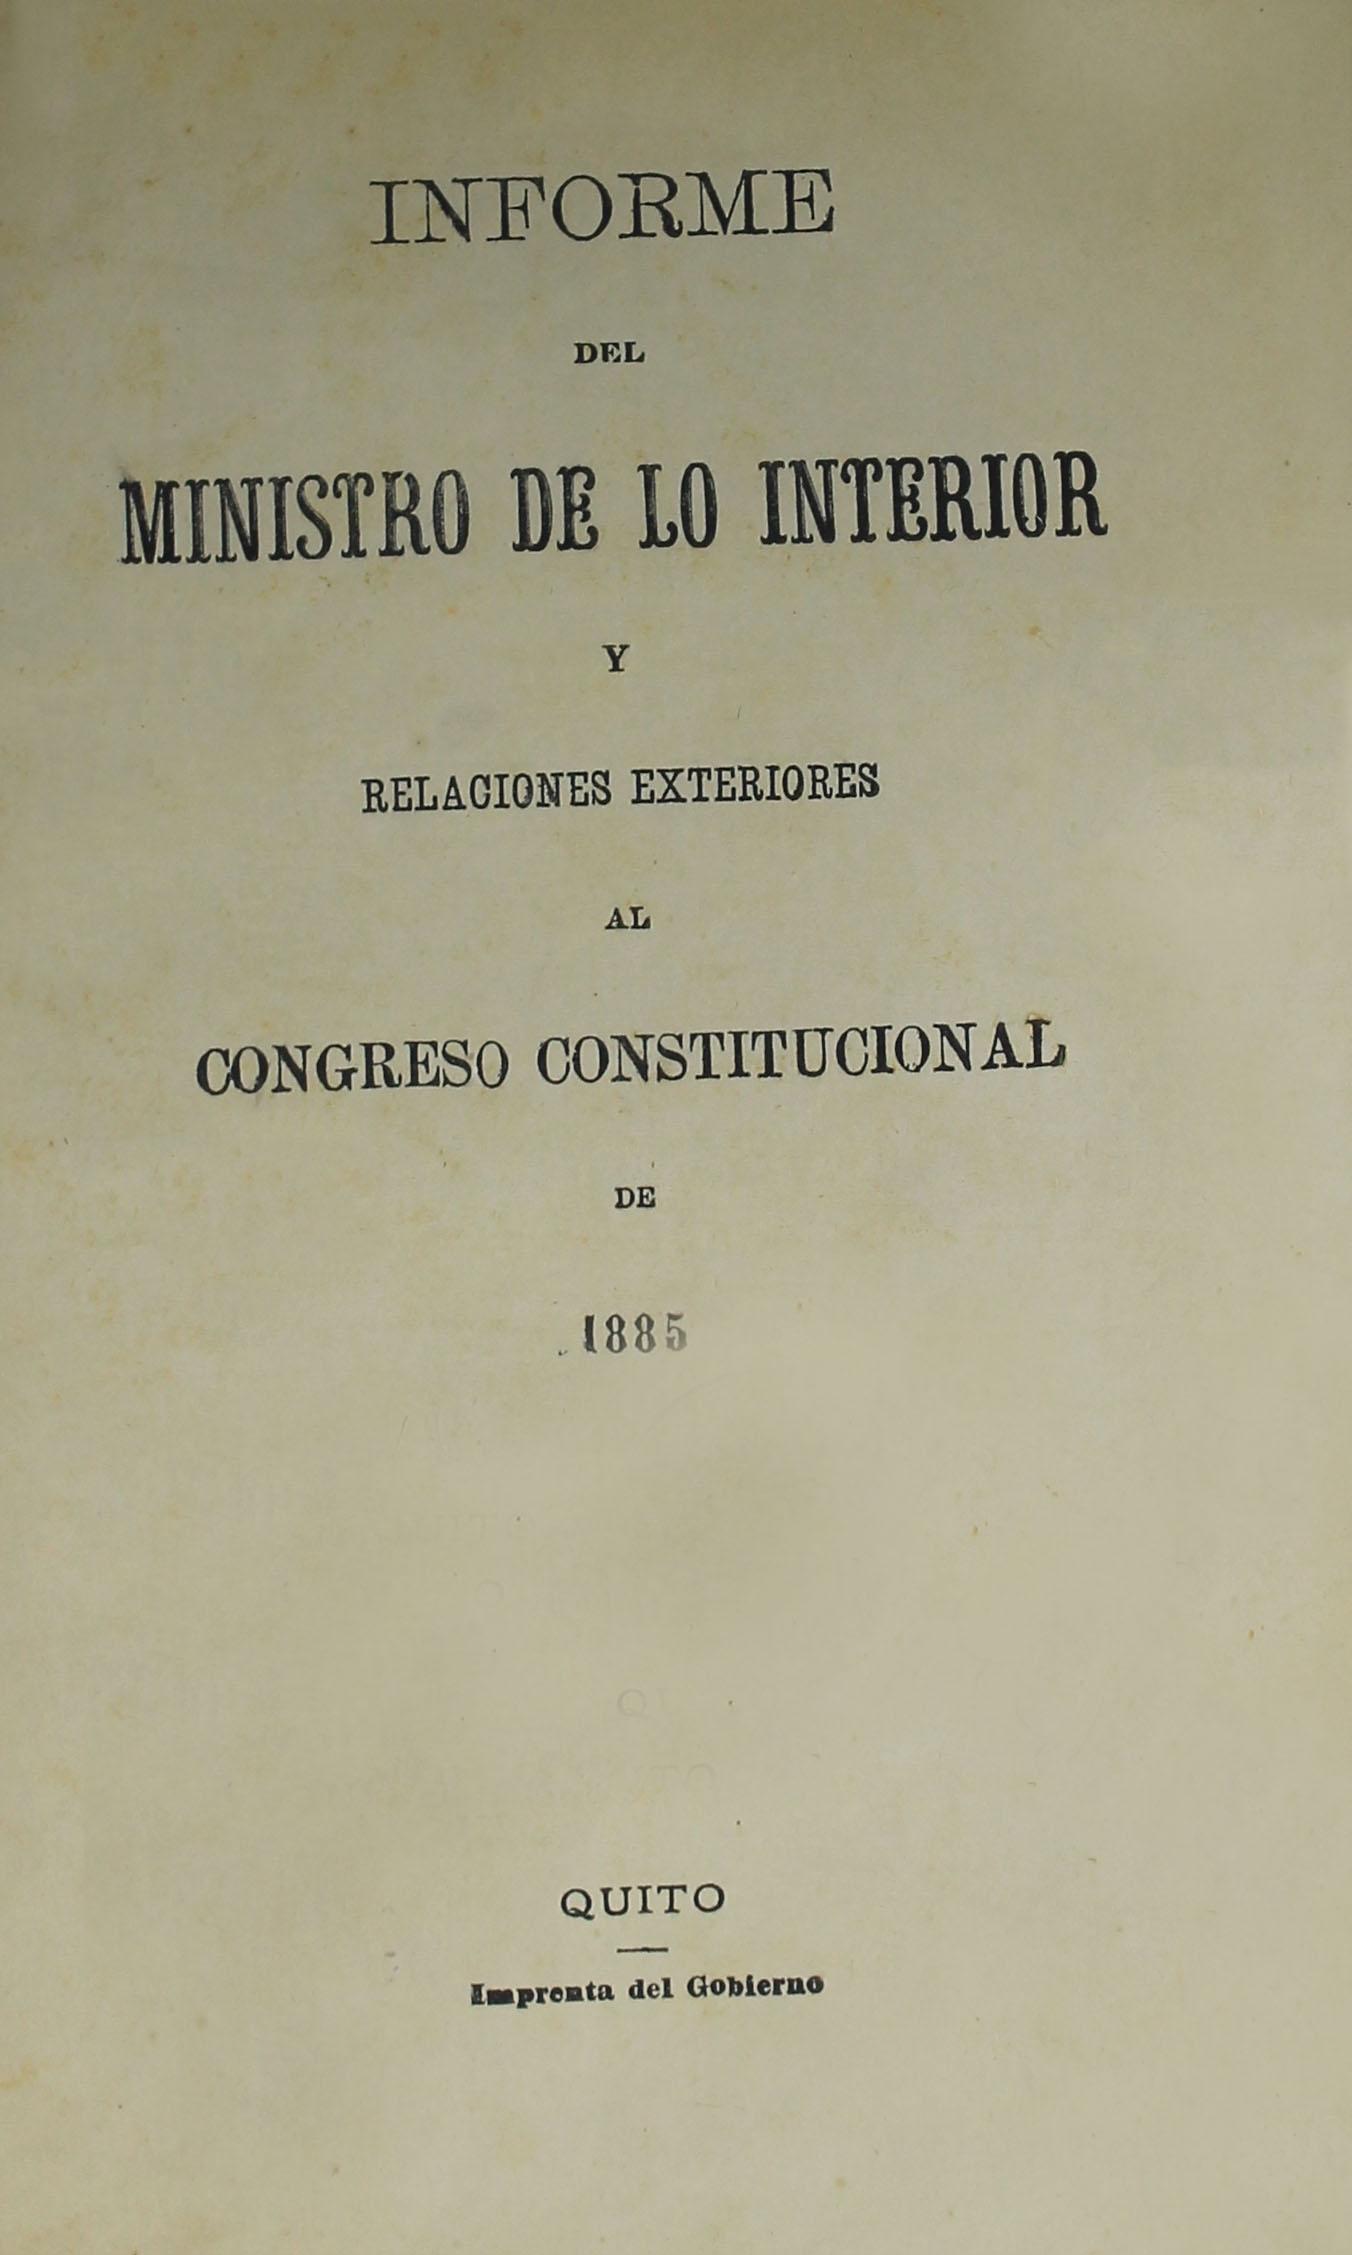 Informe del Ministro de lo Interior y Relaciones Exteriores al Congreso Constitucional de 1885